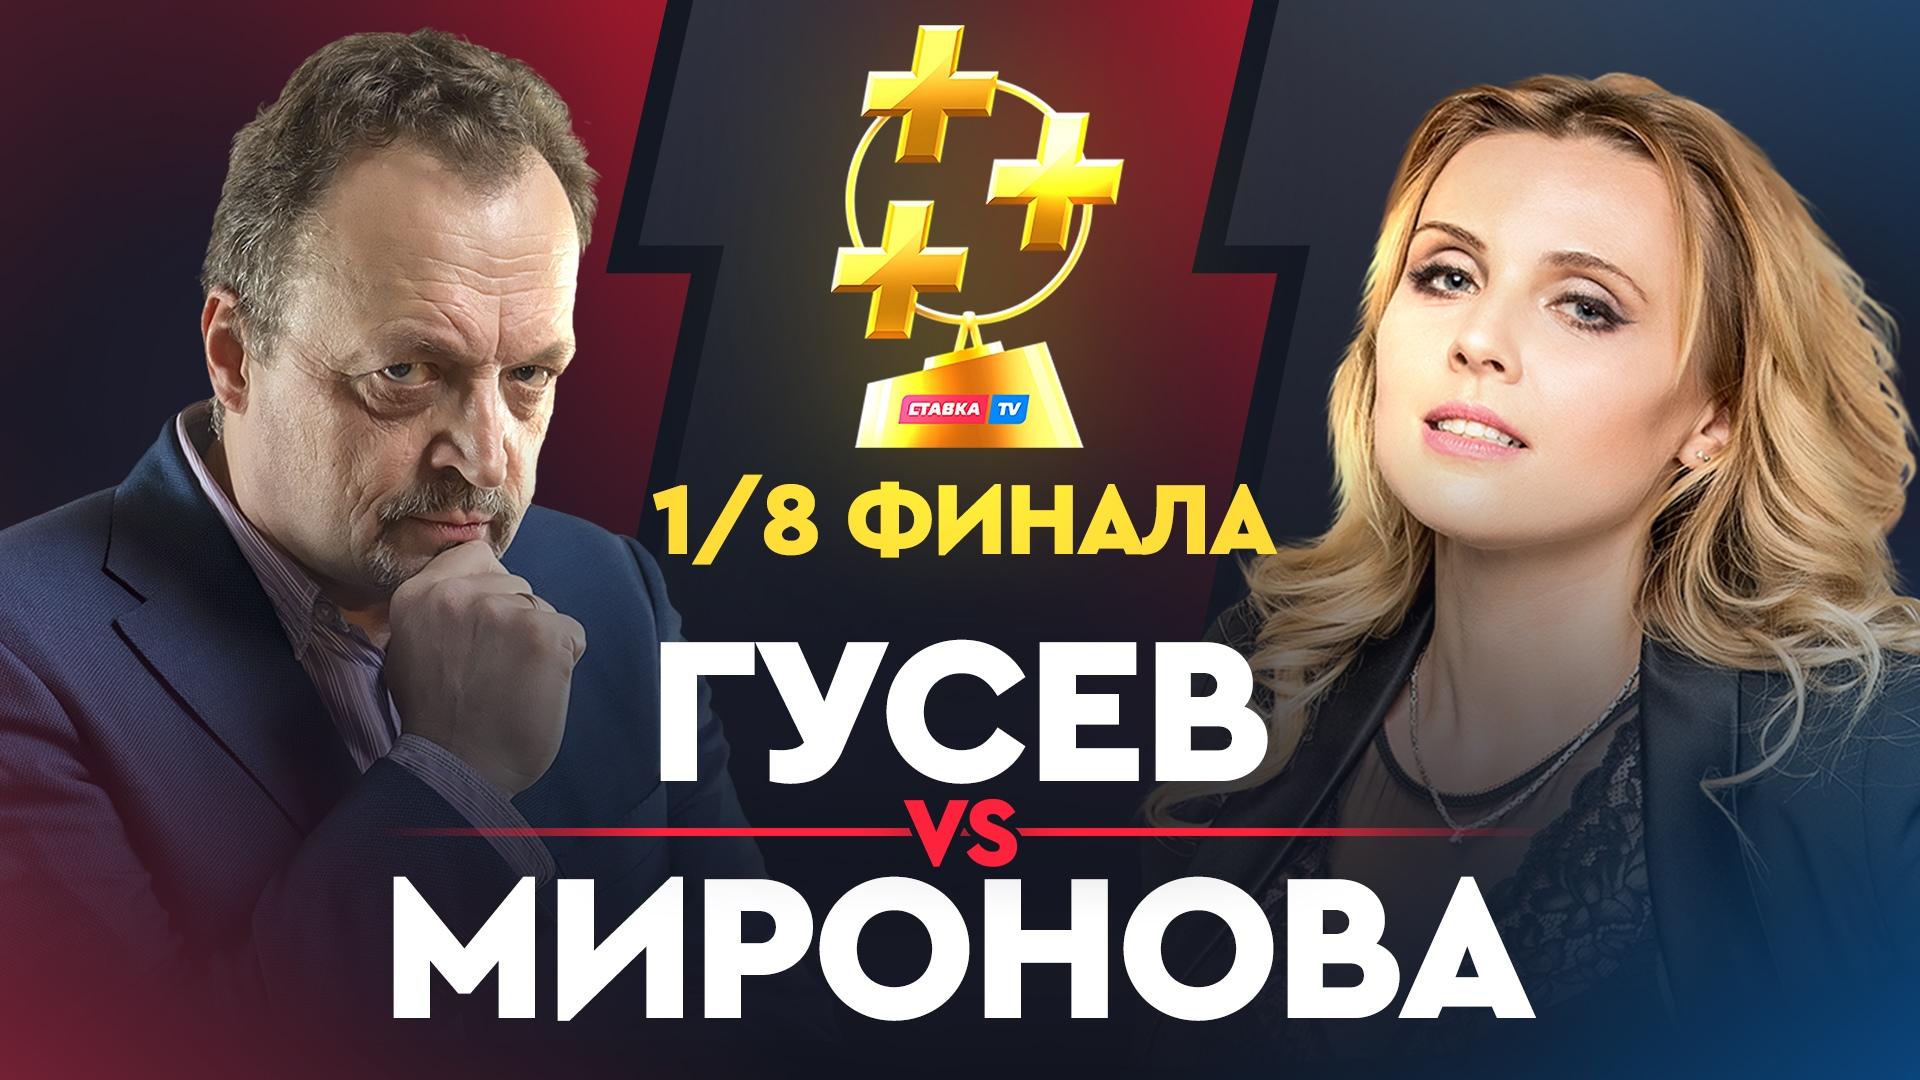 Гусев vs Миронова. Кубок прогнозистов Рунета стартовал!